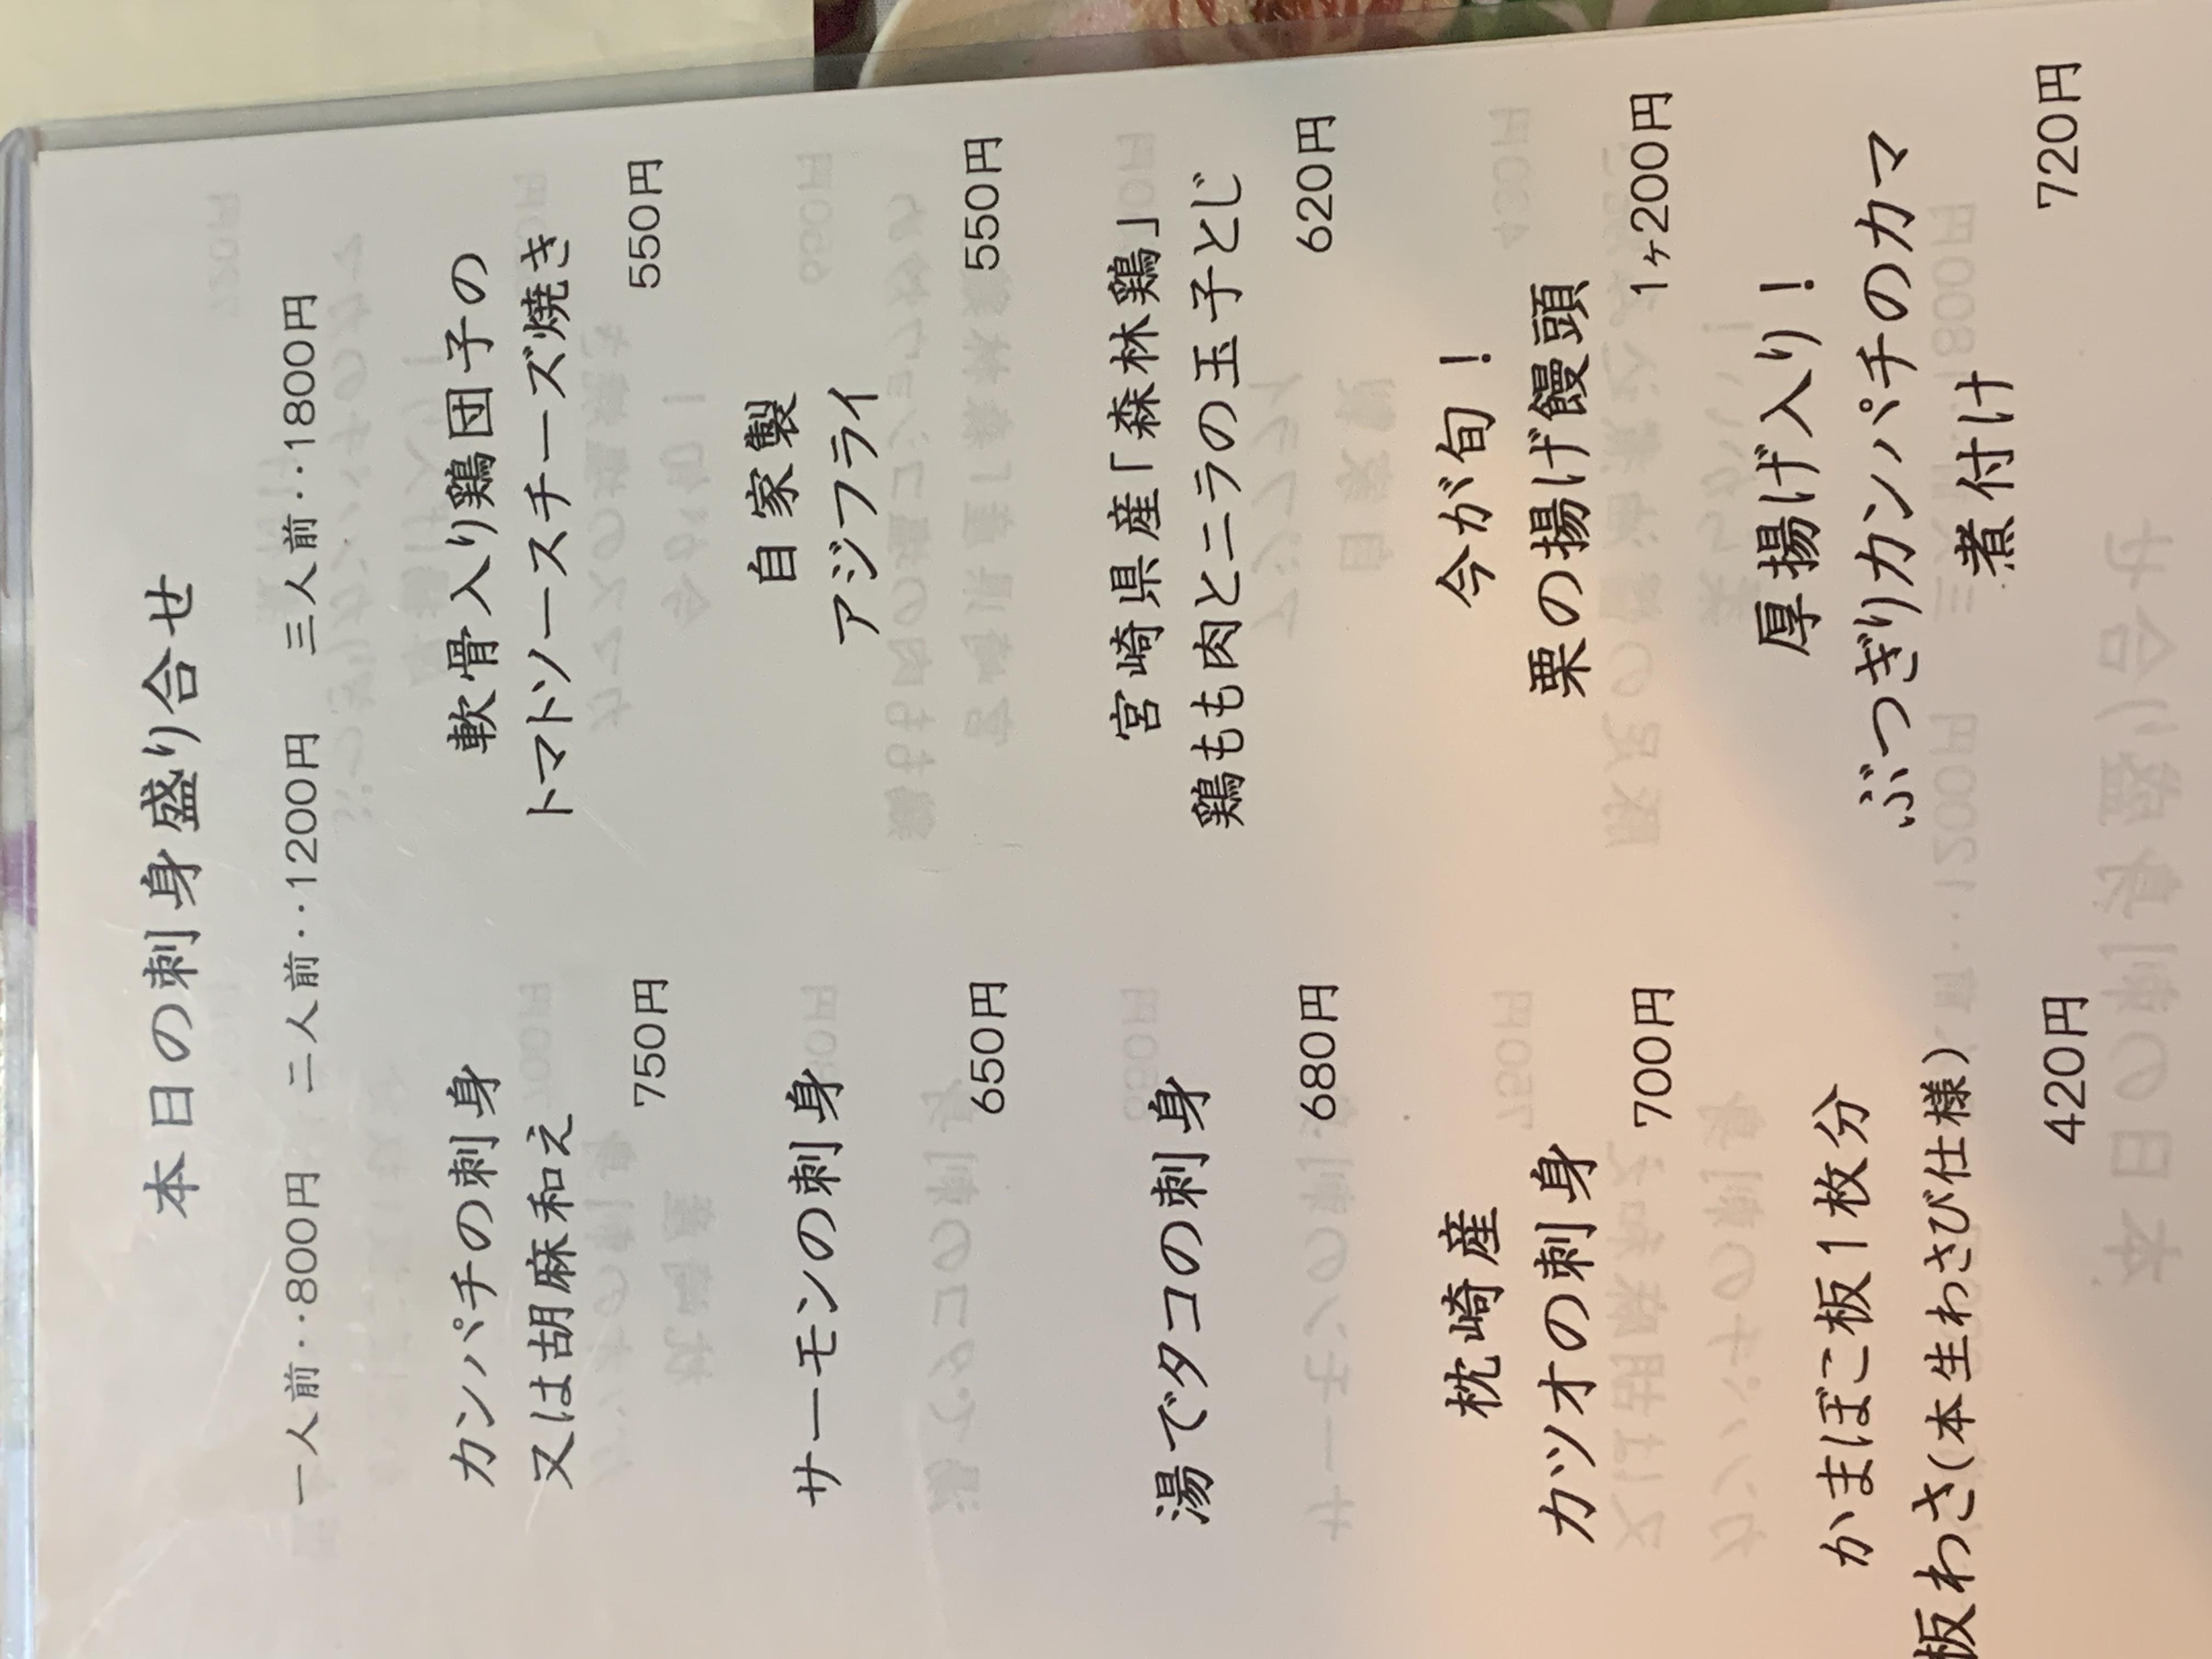 925A2A46-1E39-4F59-8D6E-0AF8EF8CCE4B